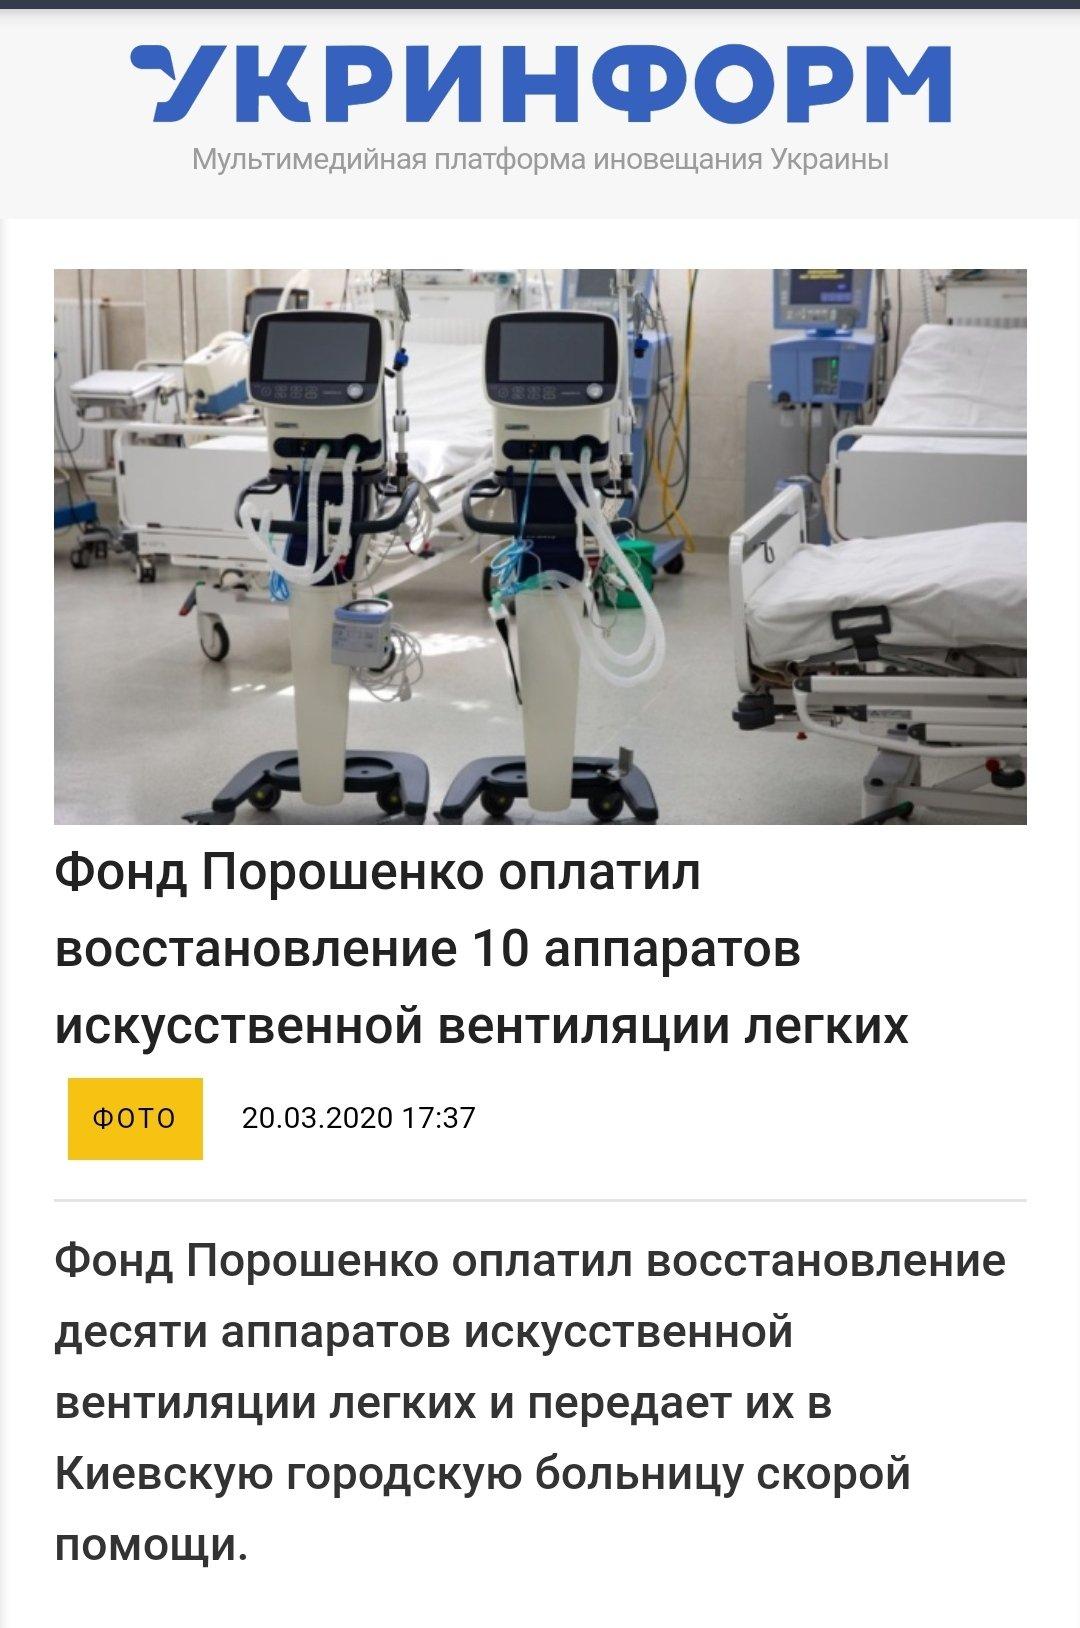 Фонд Порошенка передав реанімаційне обладнання у Вінницьку міську лікарню - Цензор.НЕТ 9358